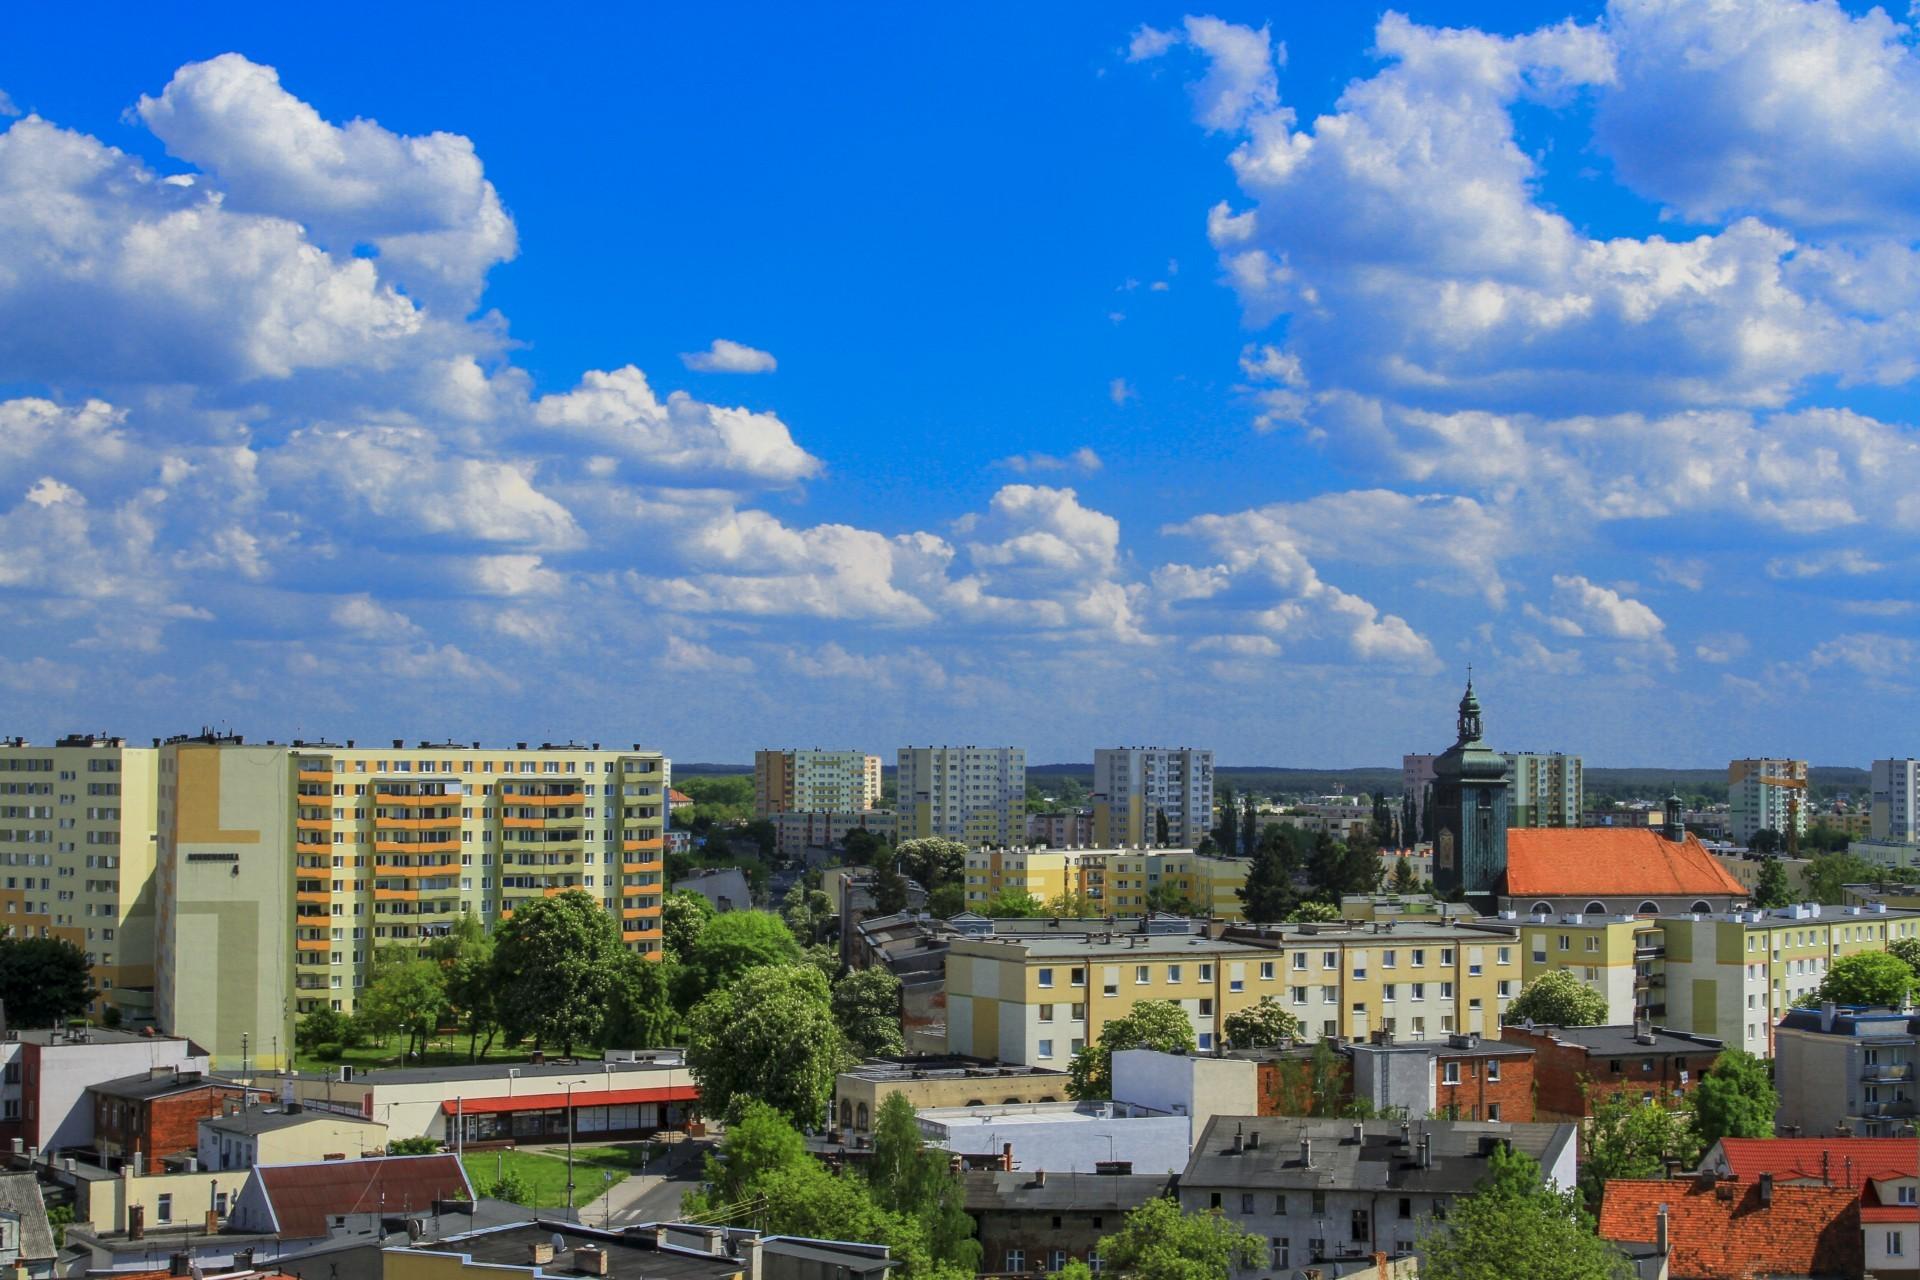 Przygoda w Bydgoszczy, Polska według Hanii